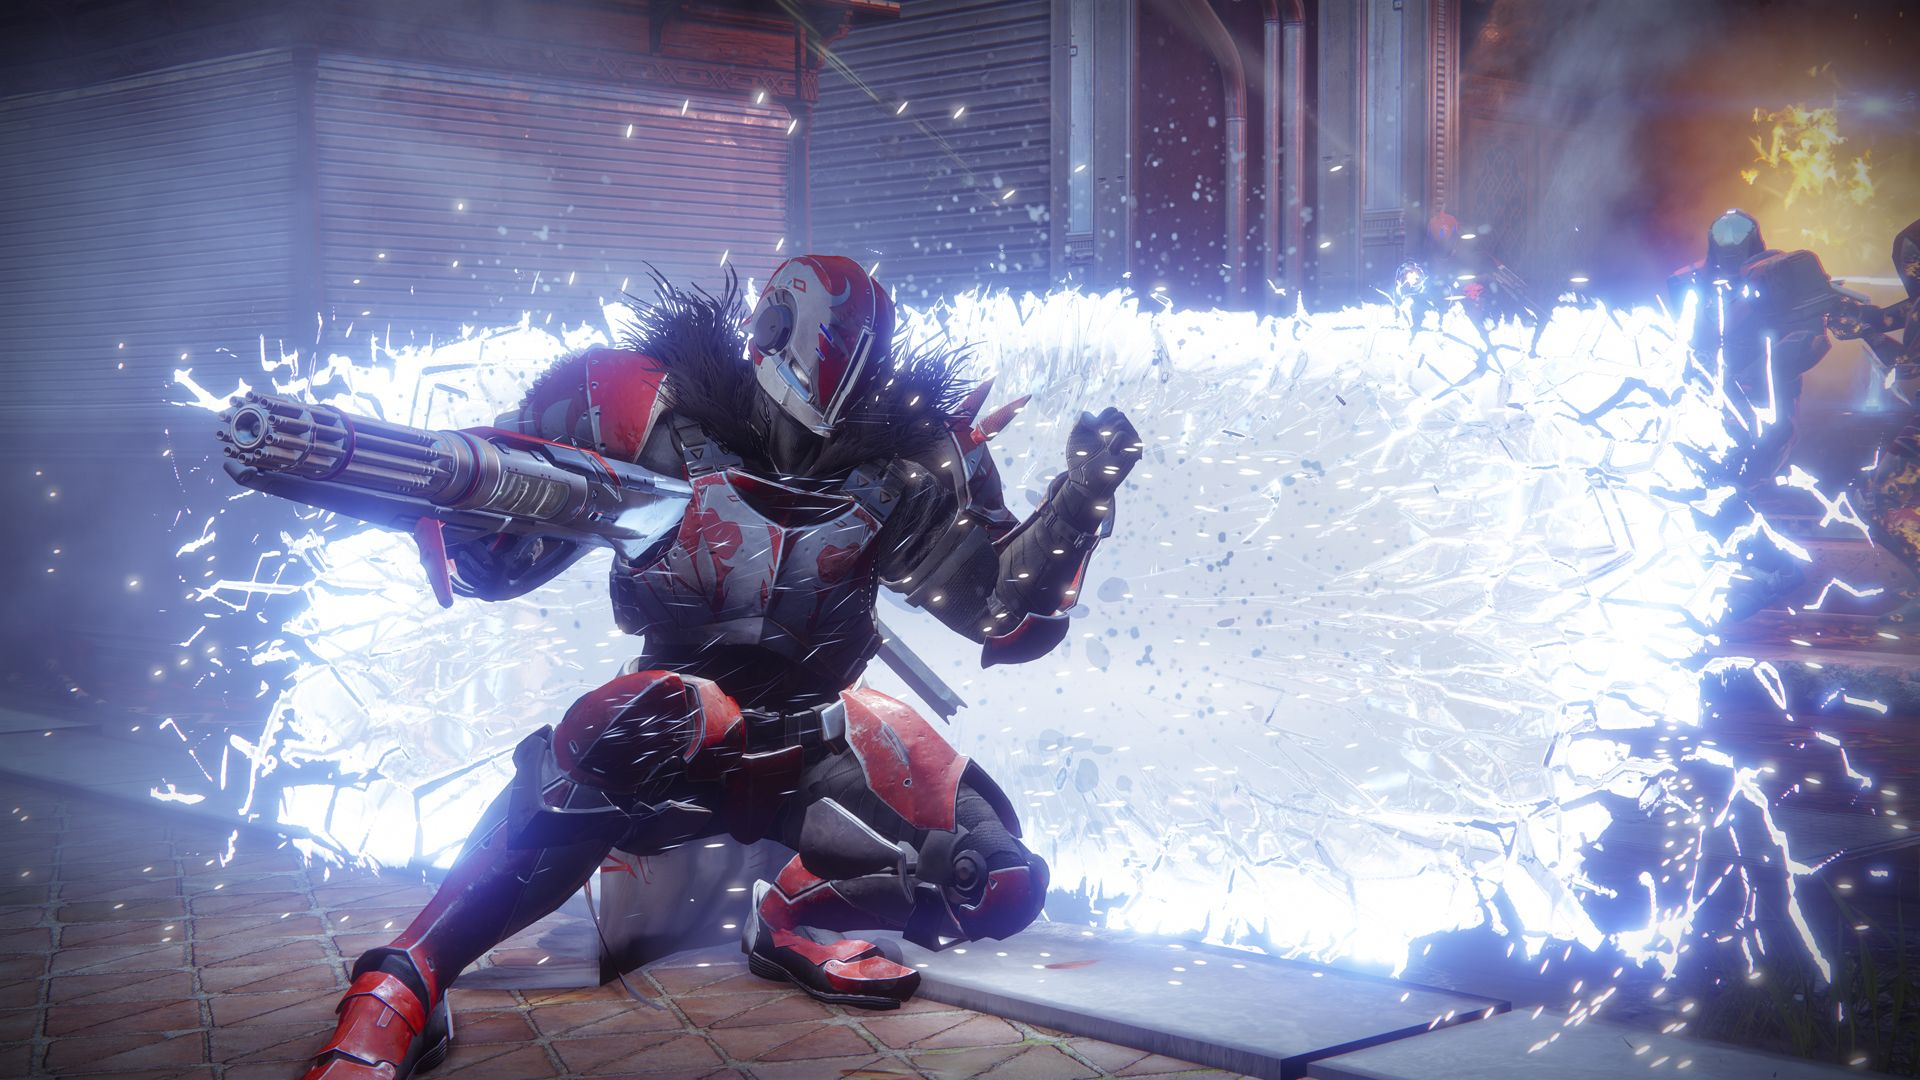 Destiny 2: Alles neu im Schmelztiegel? – Diese PvP-Neuerungen sind bekannt